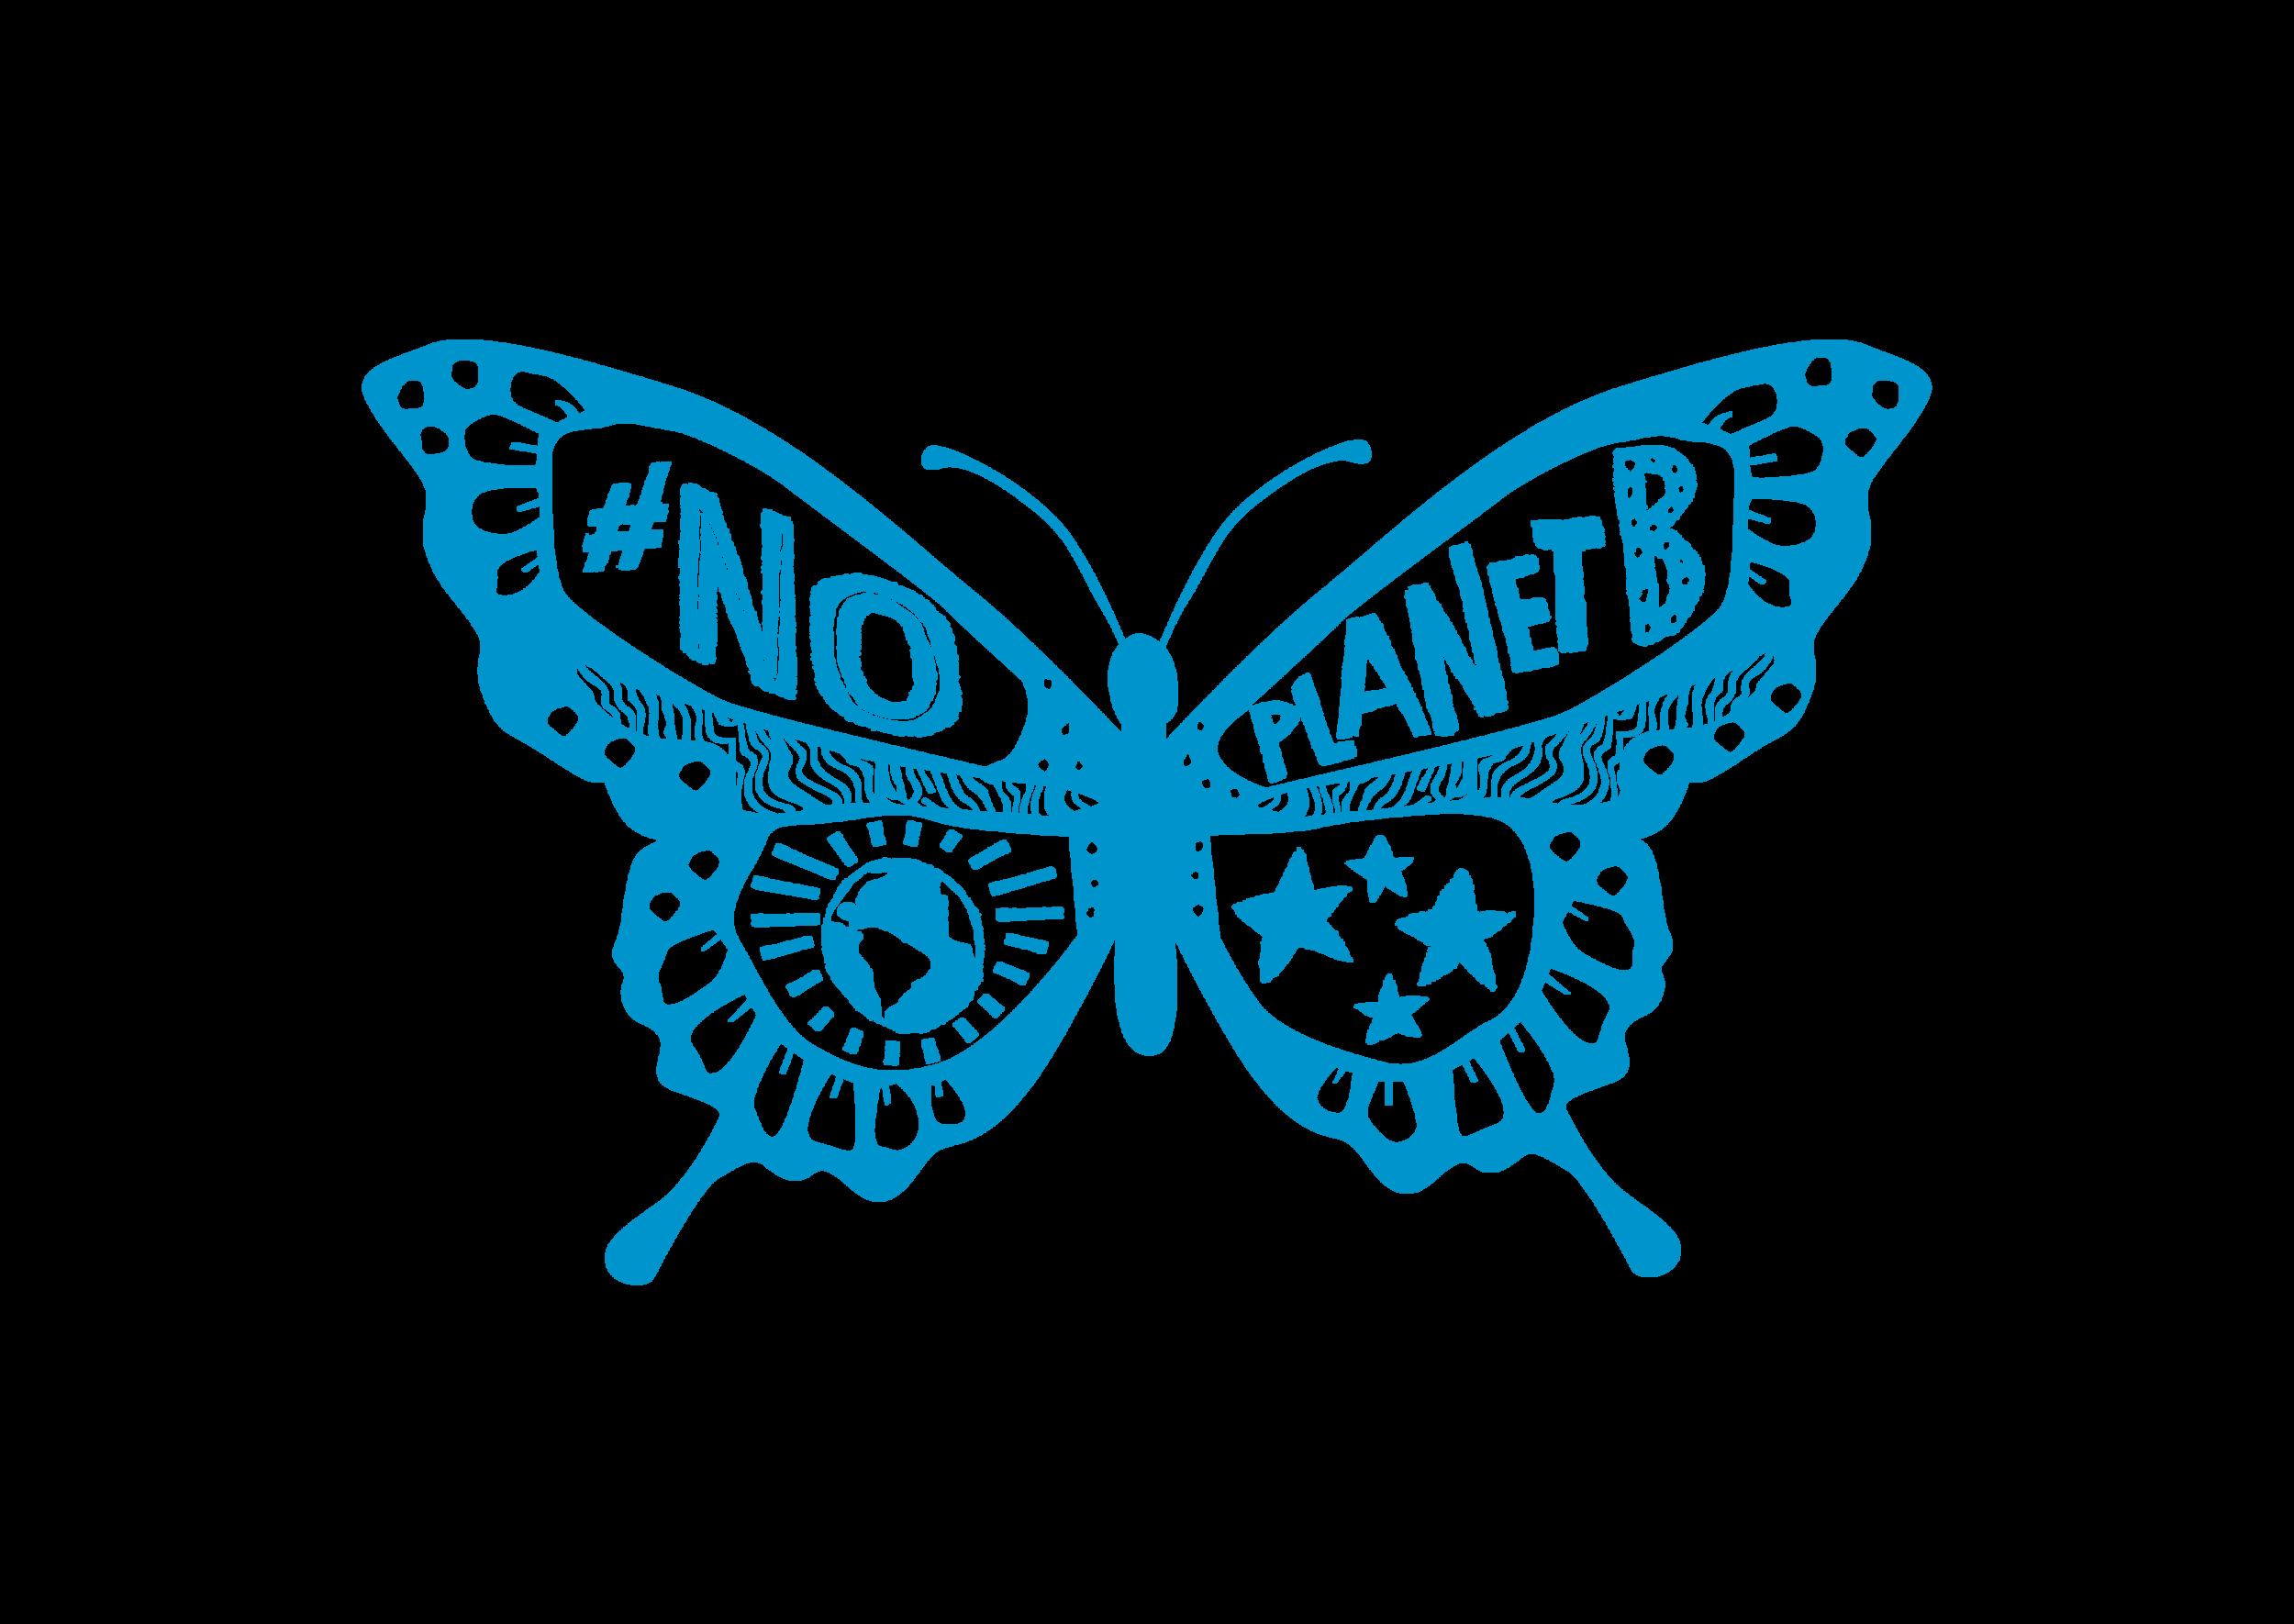 The Butterfly - Was hat unser Logo inspiriert?